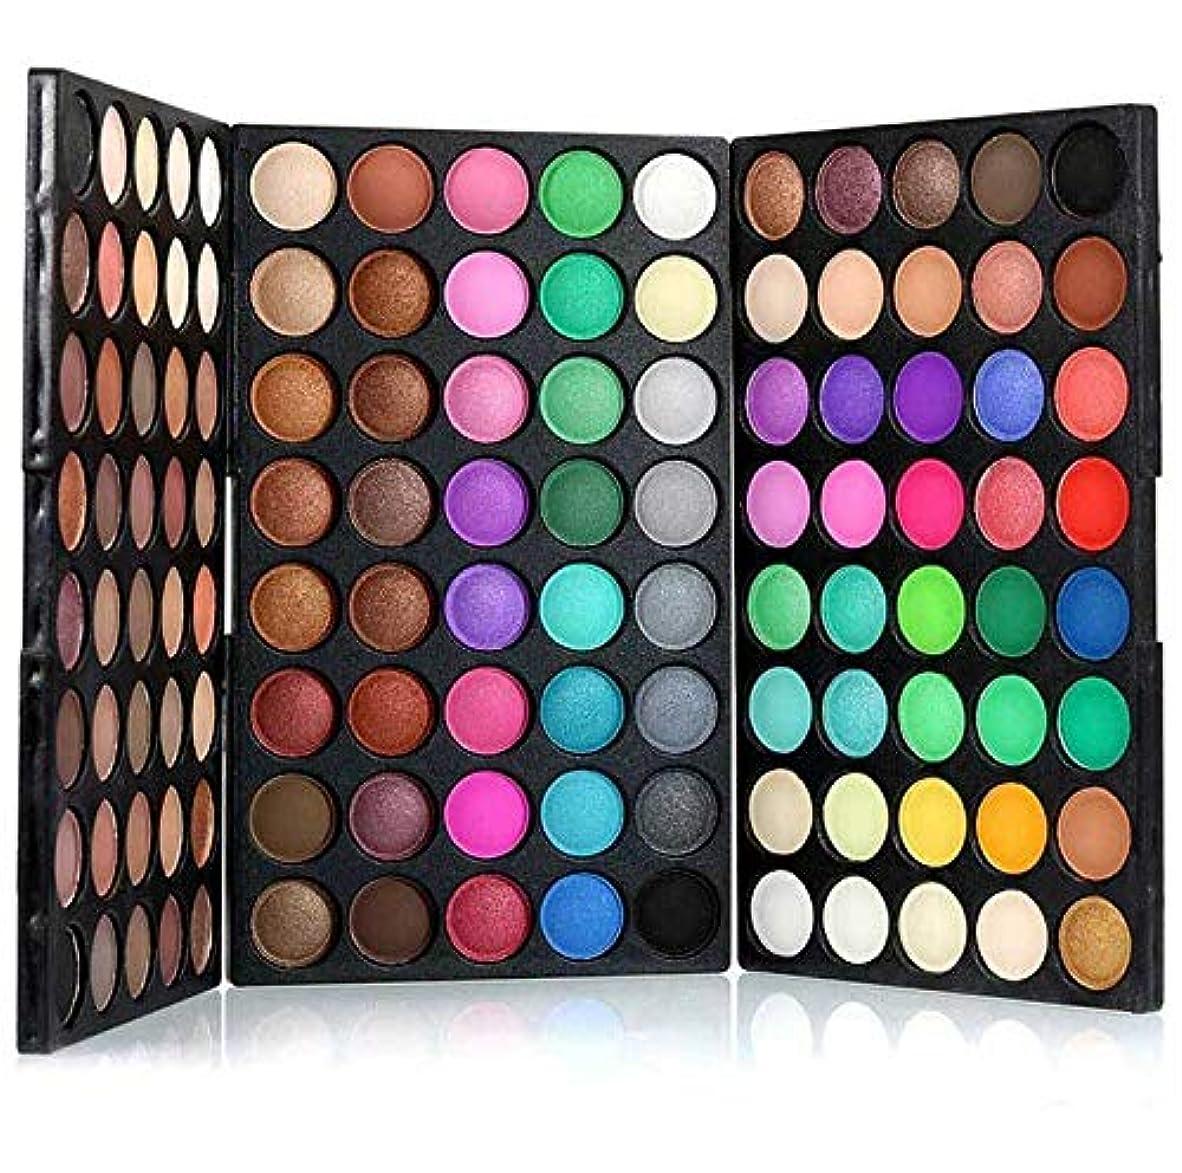 カヌーアイロニーコメンテーターFidgetGear 120色化粧品アイシャドウメイクアップパレットアイシャドウマットシマーミラー